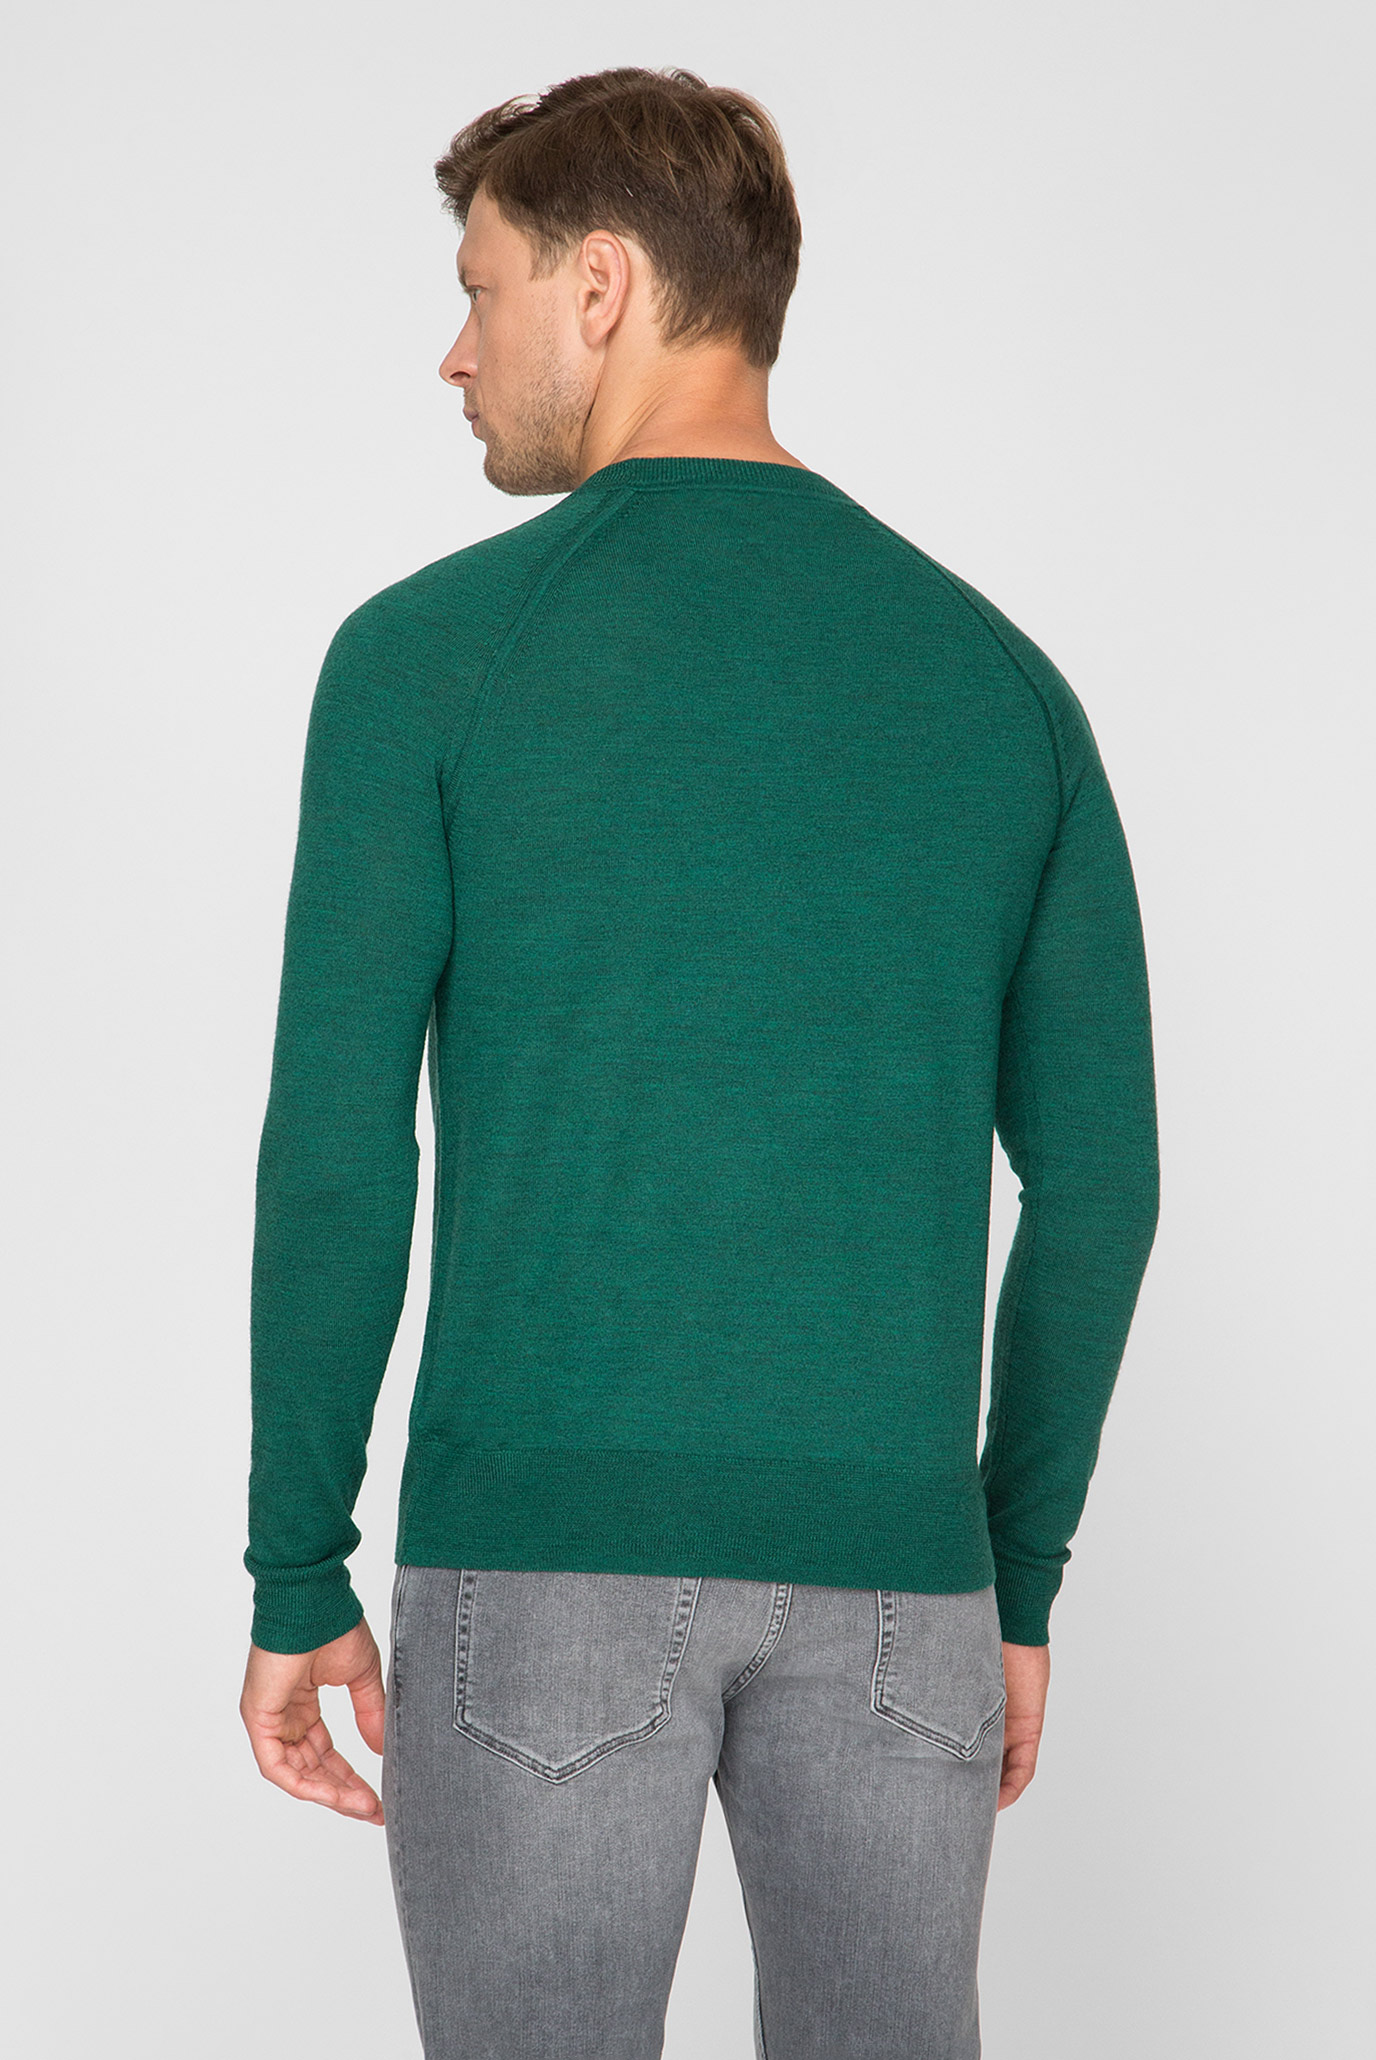 Купить Мужской зеленый джемпер Calvin Klein Calvin Klein K10K103920 – Киев, Украина. Цены в интернет магазине MD Fashion